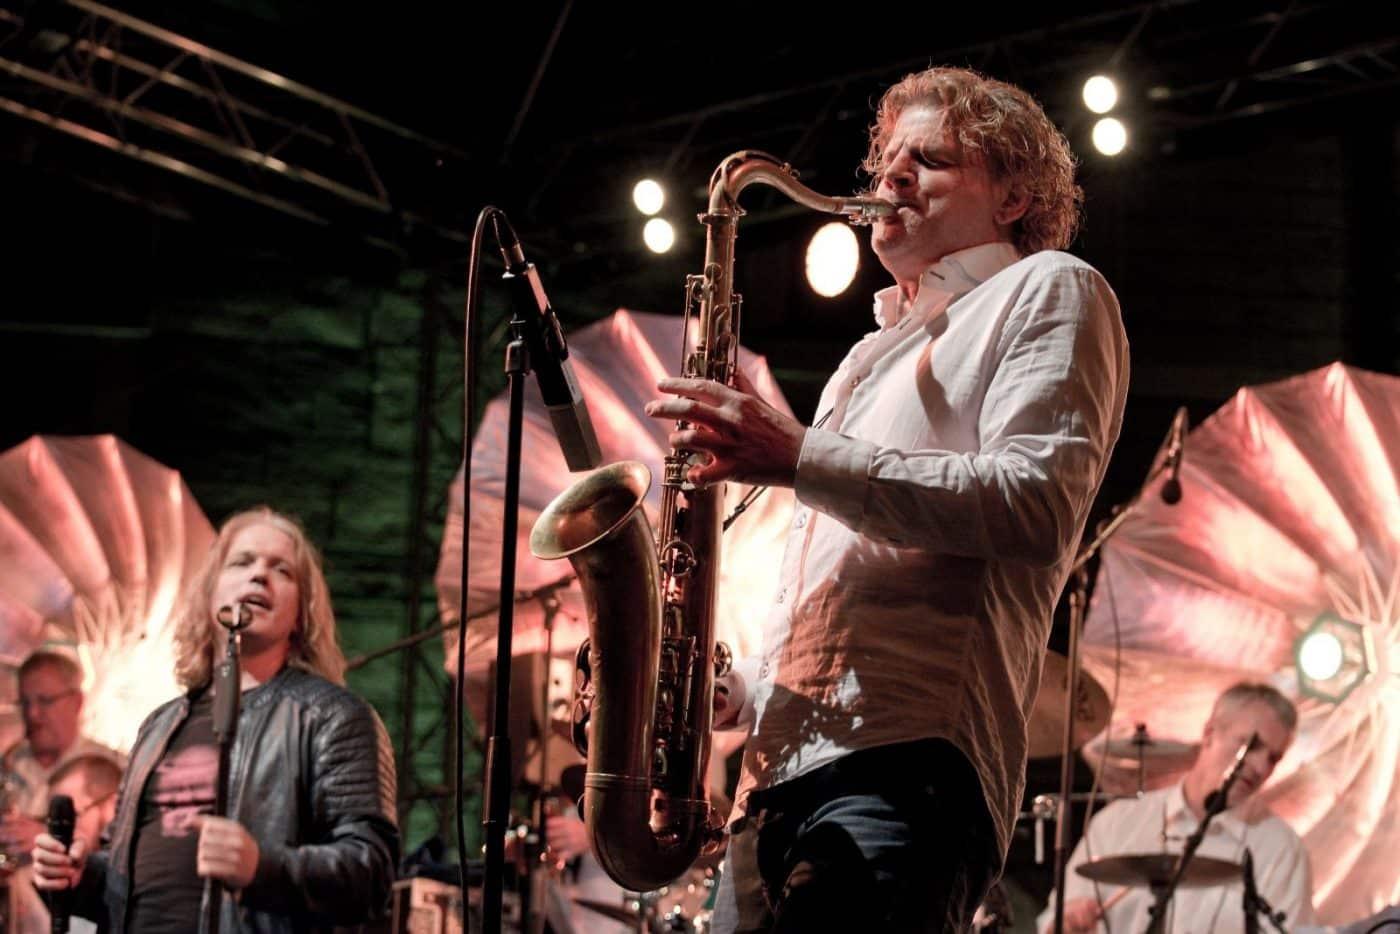 Der Saxophonist Chris Haller spielt mit der Eventband STEINBACH ein mitreißendes Solo.